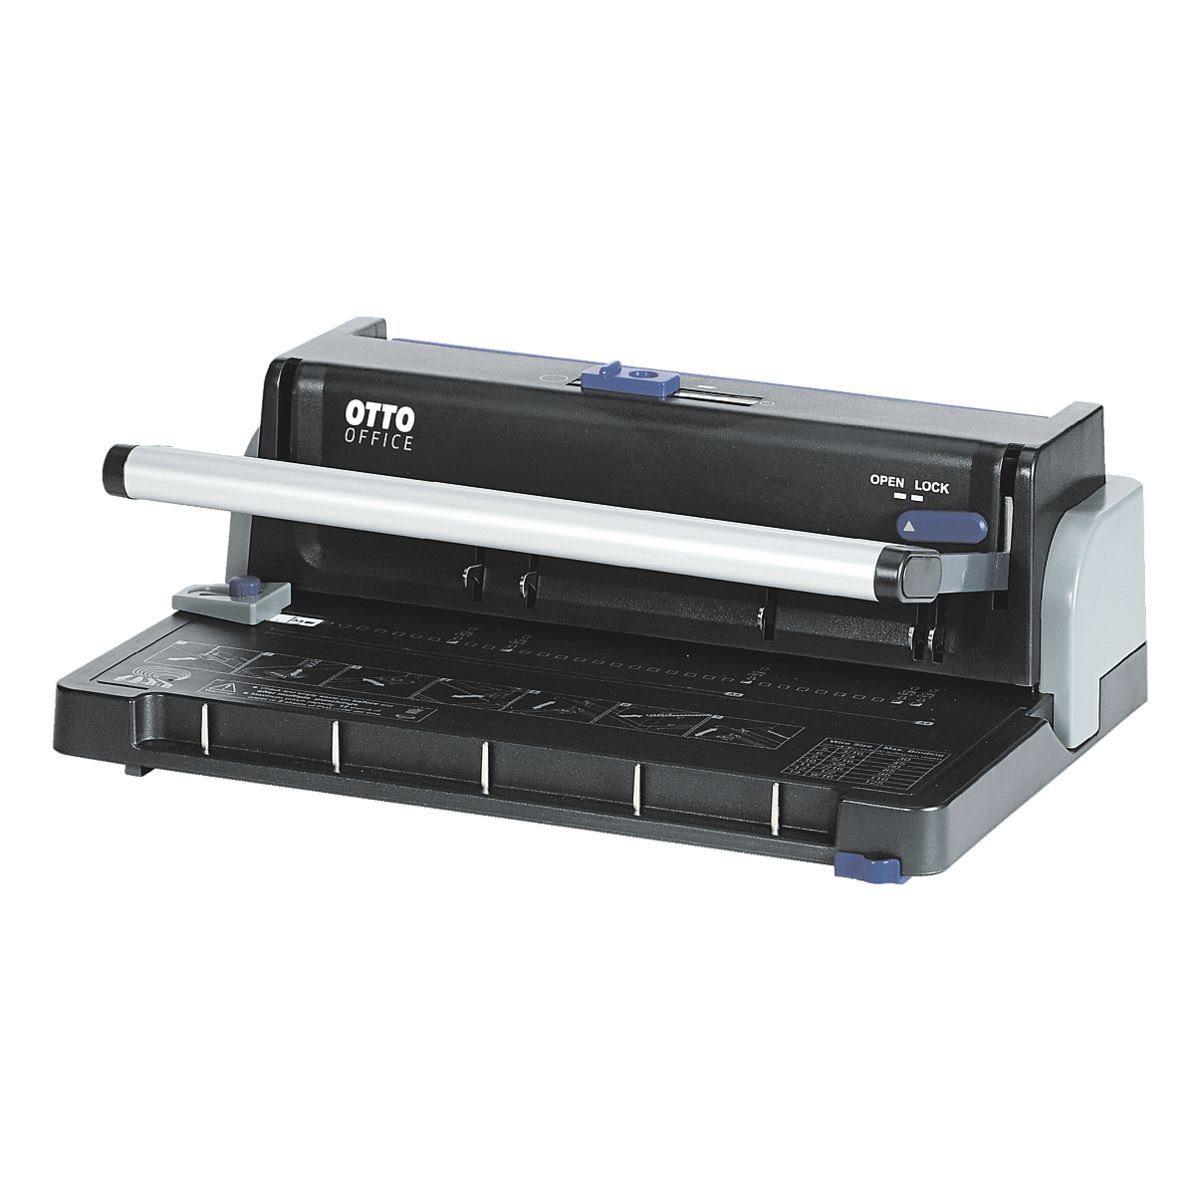 OTTO Office Standard Drahtbindegerät »OD-120«